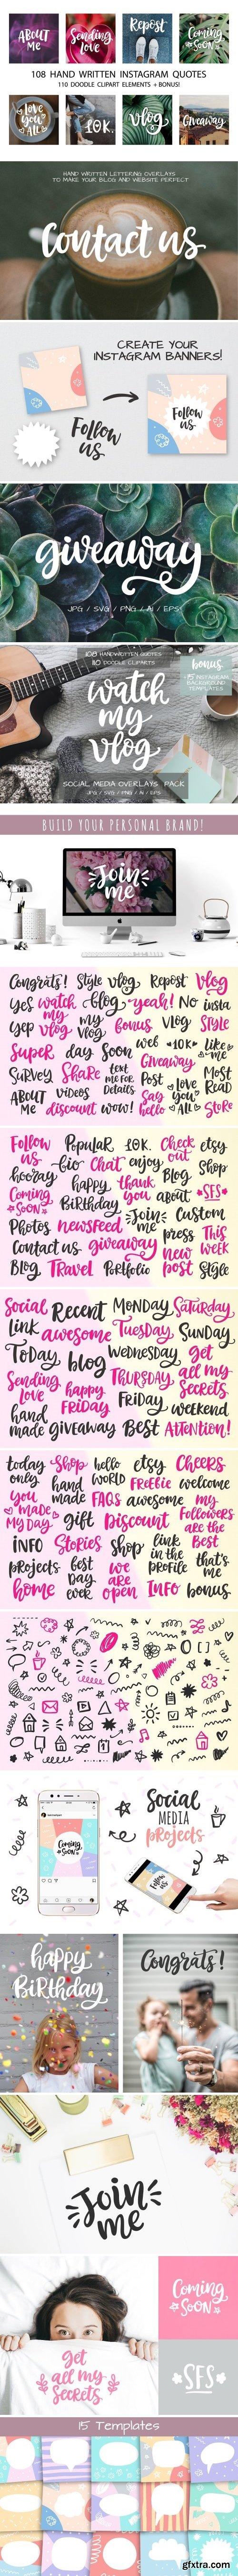 CM - Social Media Lettering Overlays Pack 2159240